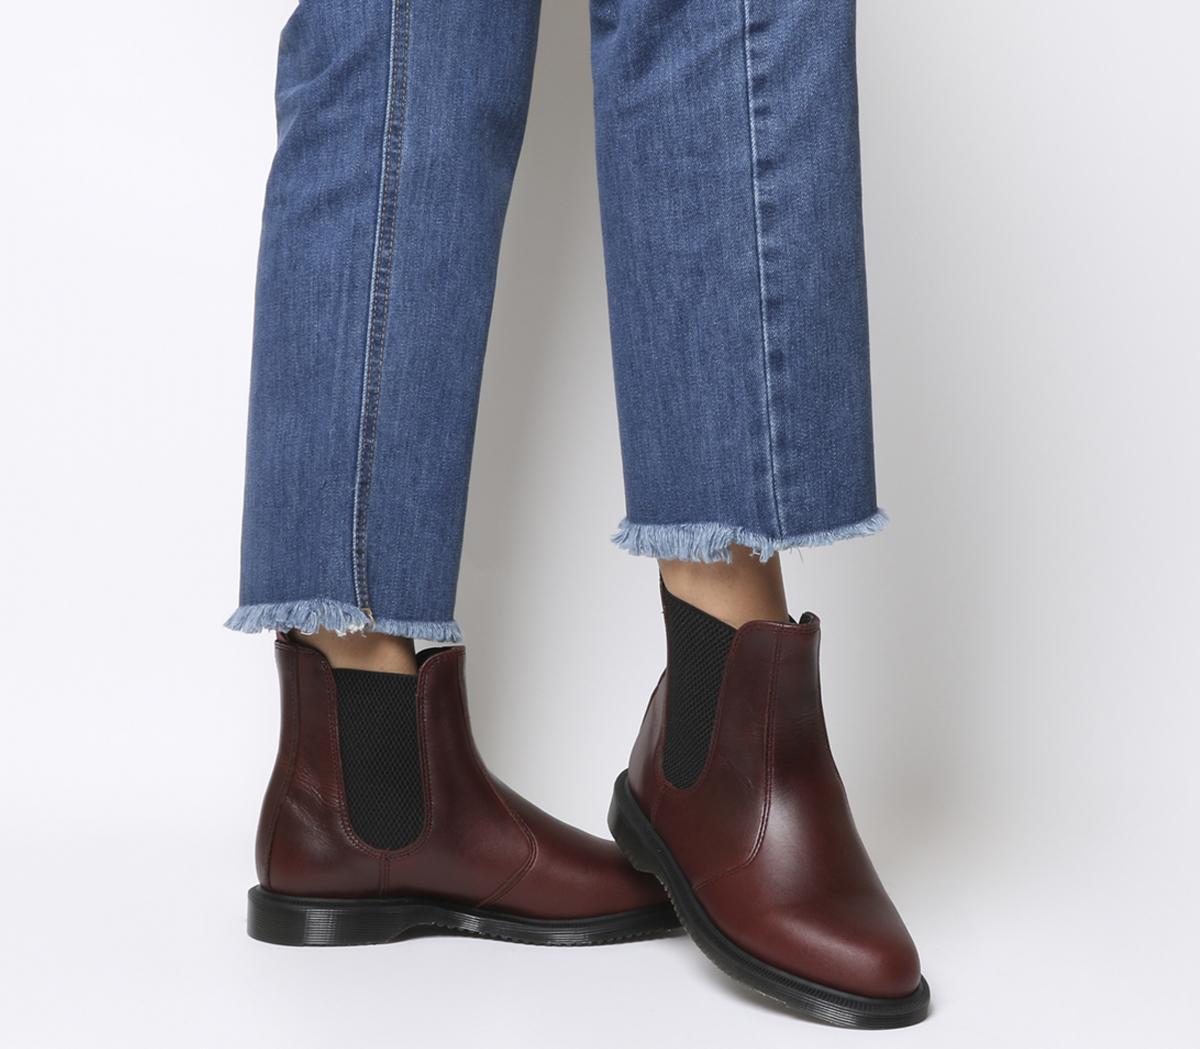 Dr. Martens Kensington Flora Boots